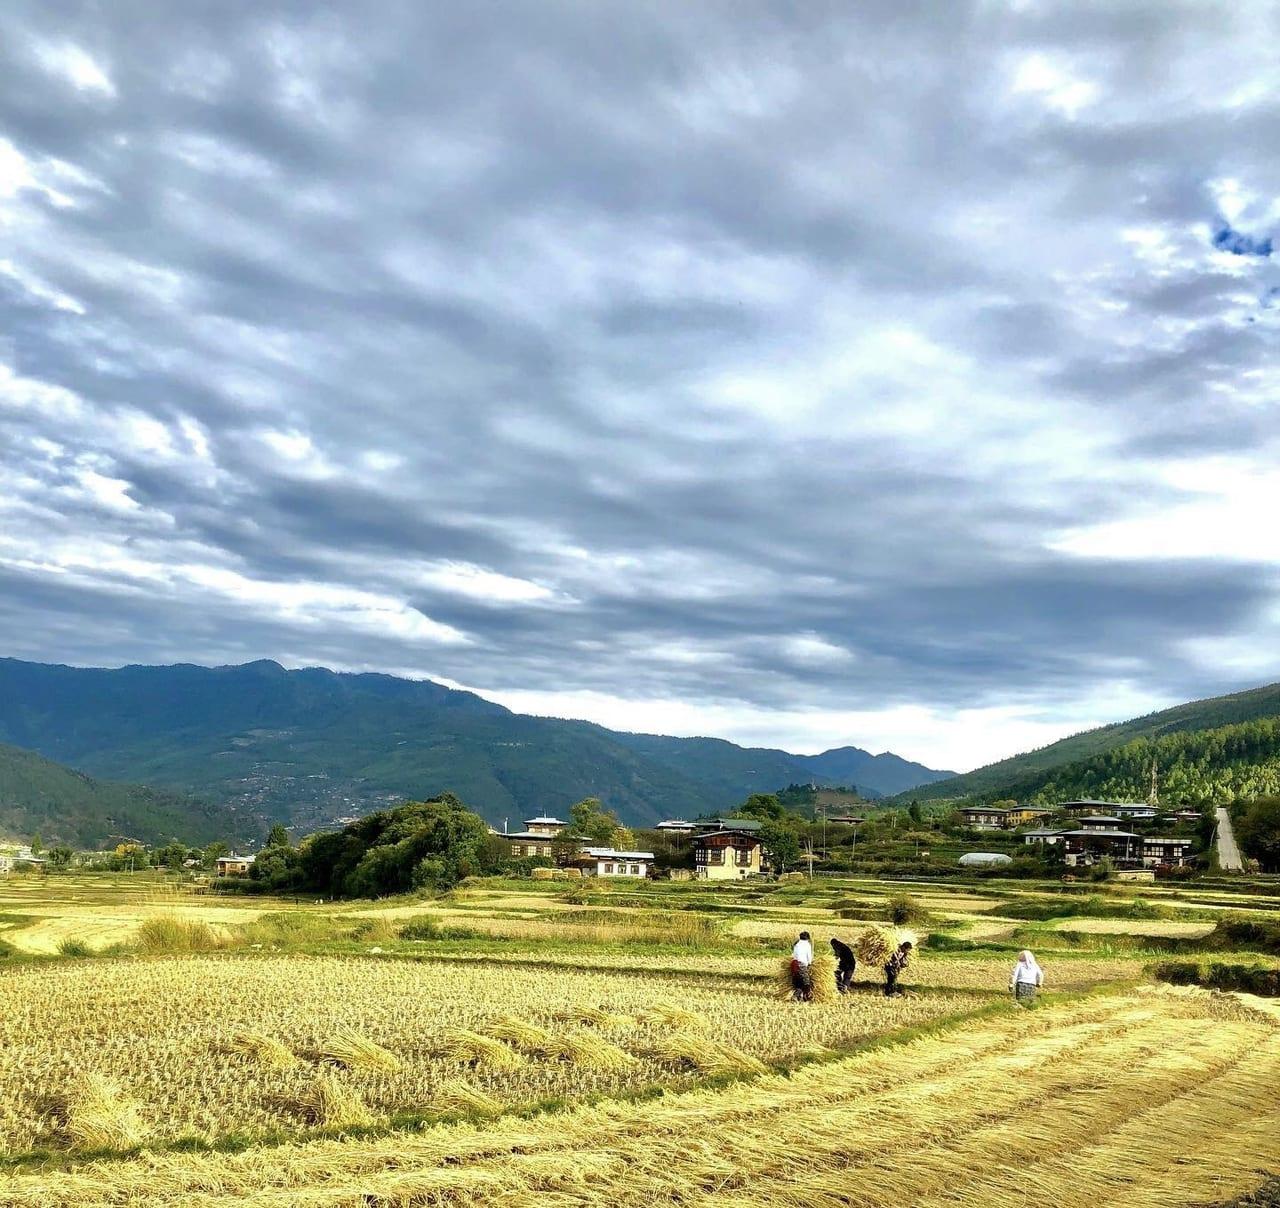 秋のブータン 稲刈り風景